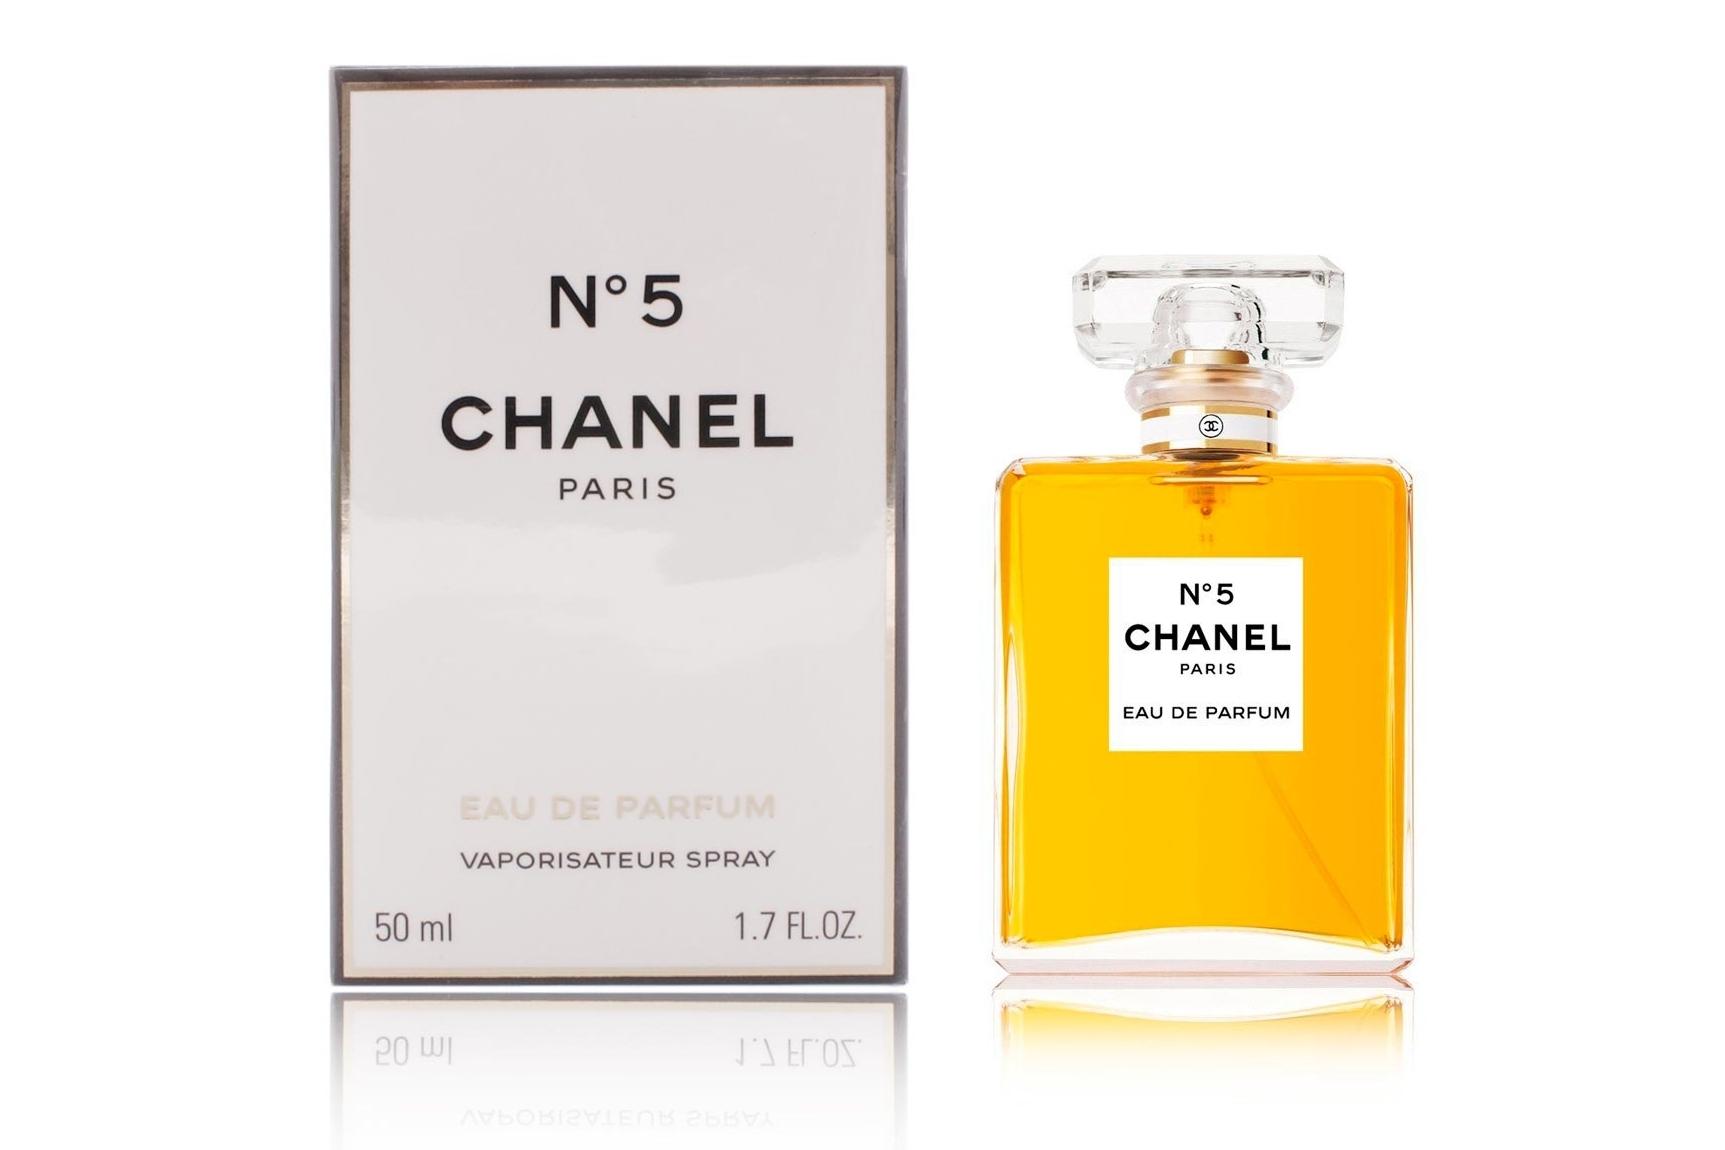 Chanel №5- Аромат-легенда,  всех времён и народов. Женственный, колдовской, магический, загадочный, роковой, таинственный, притягательный, революционный, новаторский, настоящий, в предмет страстного желания и становится пределом мечтаний. для Настоящей, уверенной в себе леди, которая знает, как привлекать внимание сильного пола, дразнит и увлекает, но каждый раз ускользает и остаётся недосягаемой.Такое внутреннее богатство чувств, несмотря на горячий темперамент облечённое в достаточно жёсткие рамки, порождает вкус во всём, но имеются и строгие моральные ограничения. Это имидж своей владелицы, что ей становится невозможное возможным!